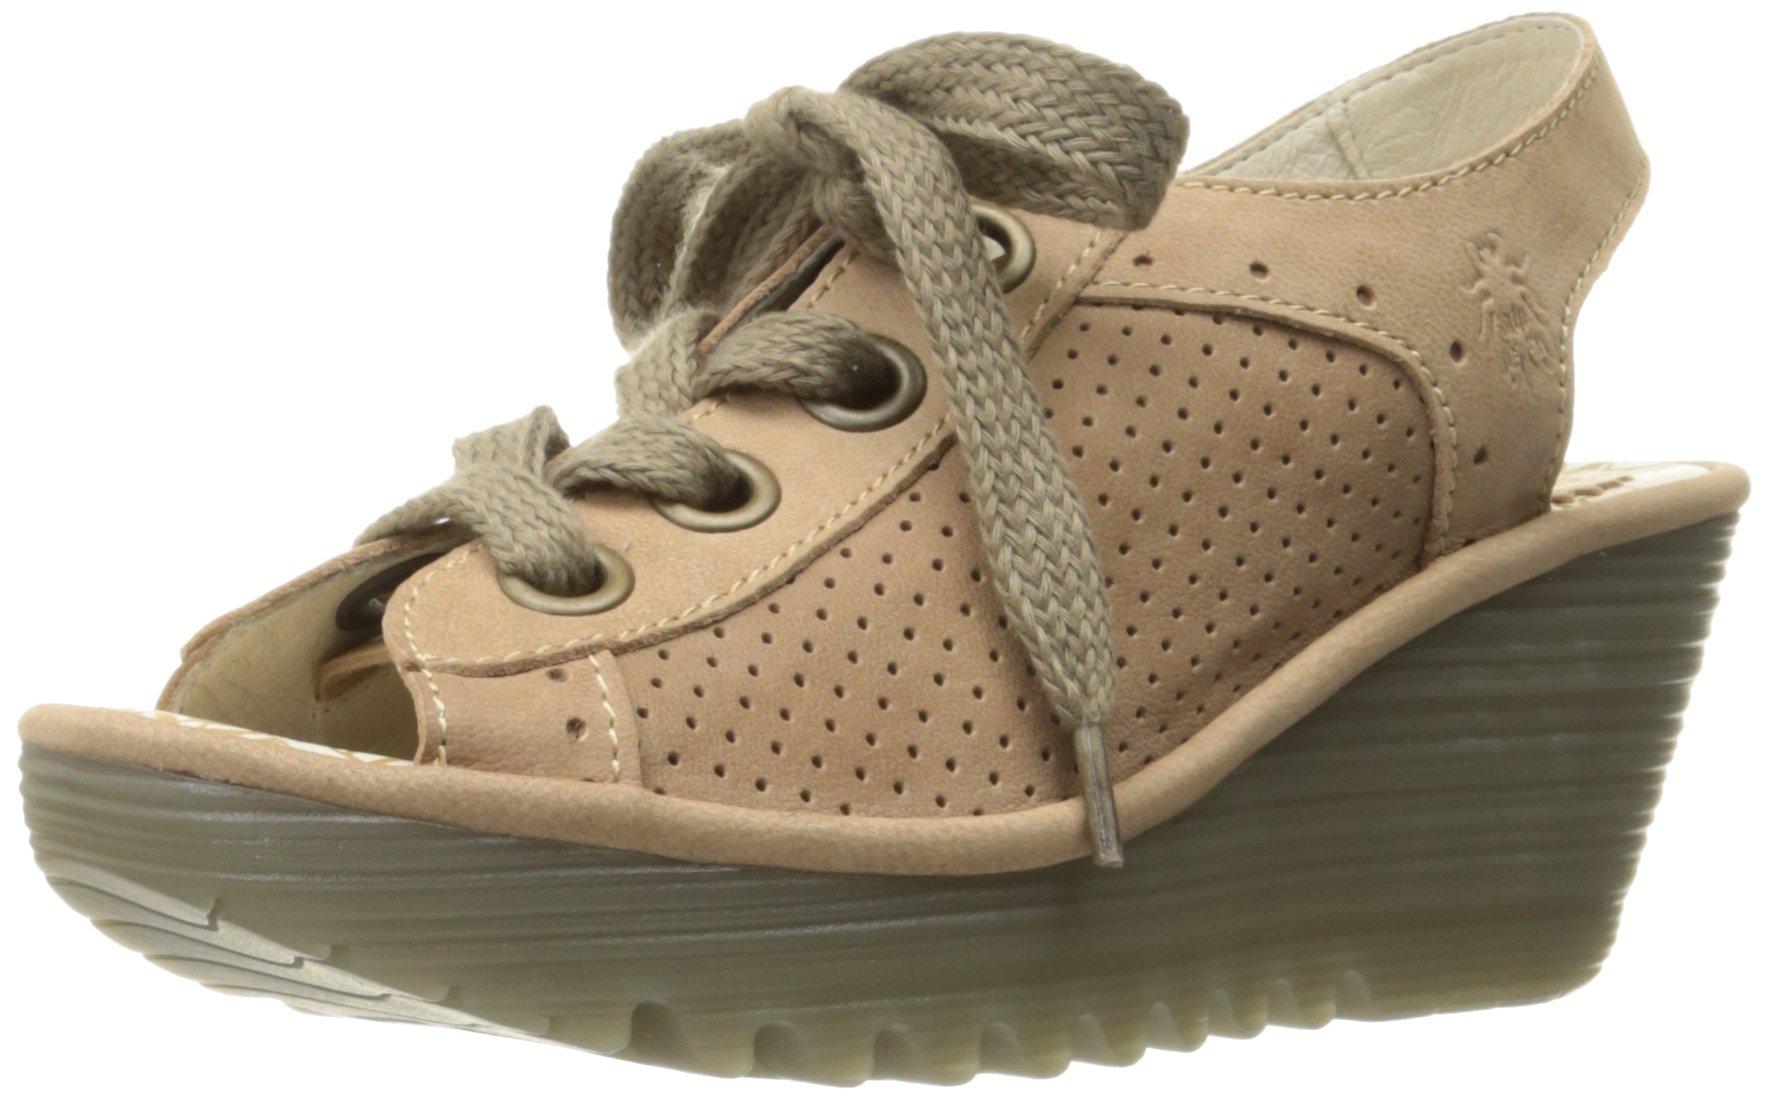 FLY London Women's Yuta617fly Platform Sandal, Beige Cupido, 38 EU/7.5-8 M US